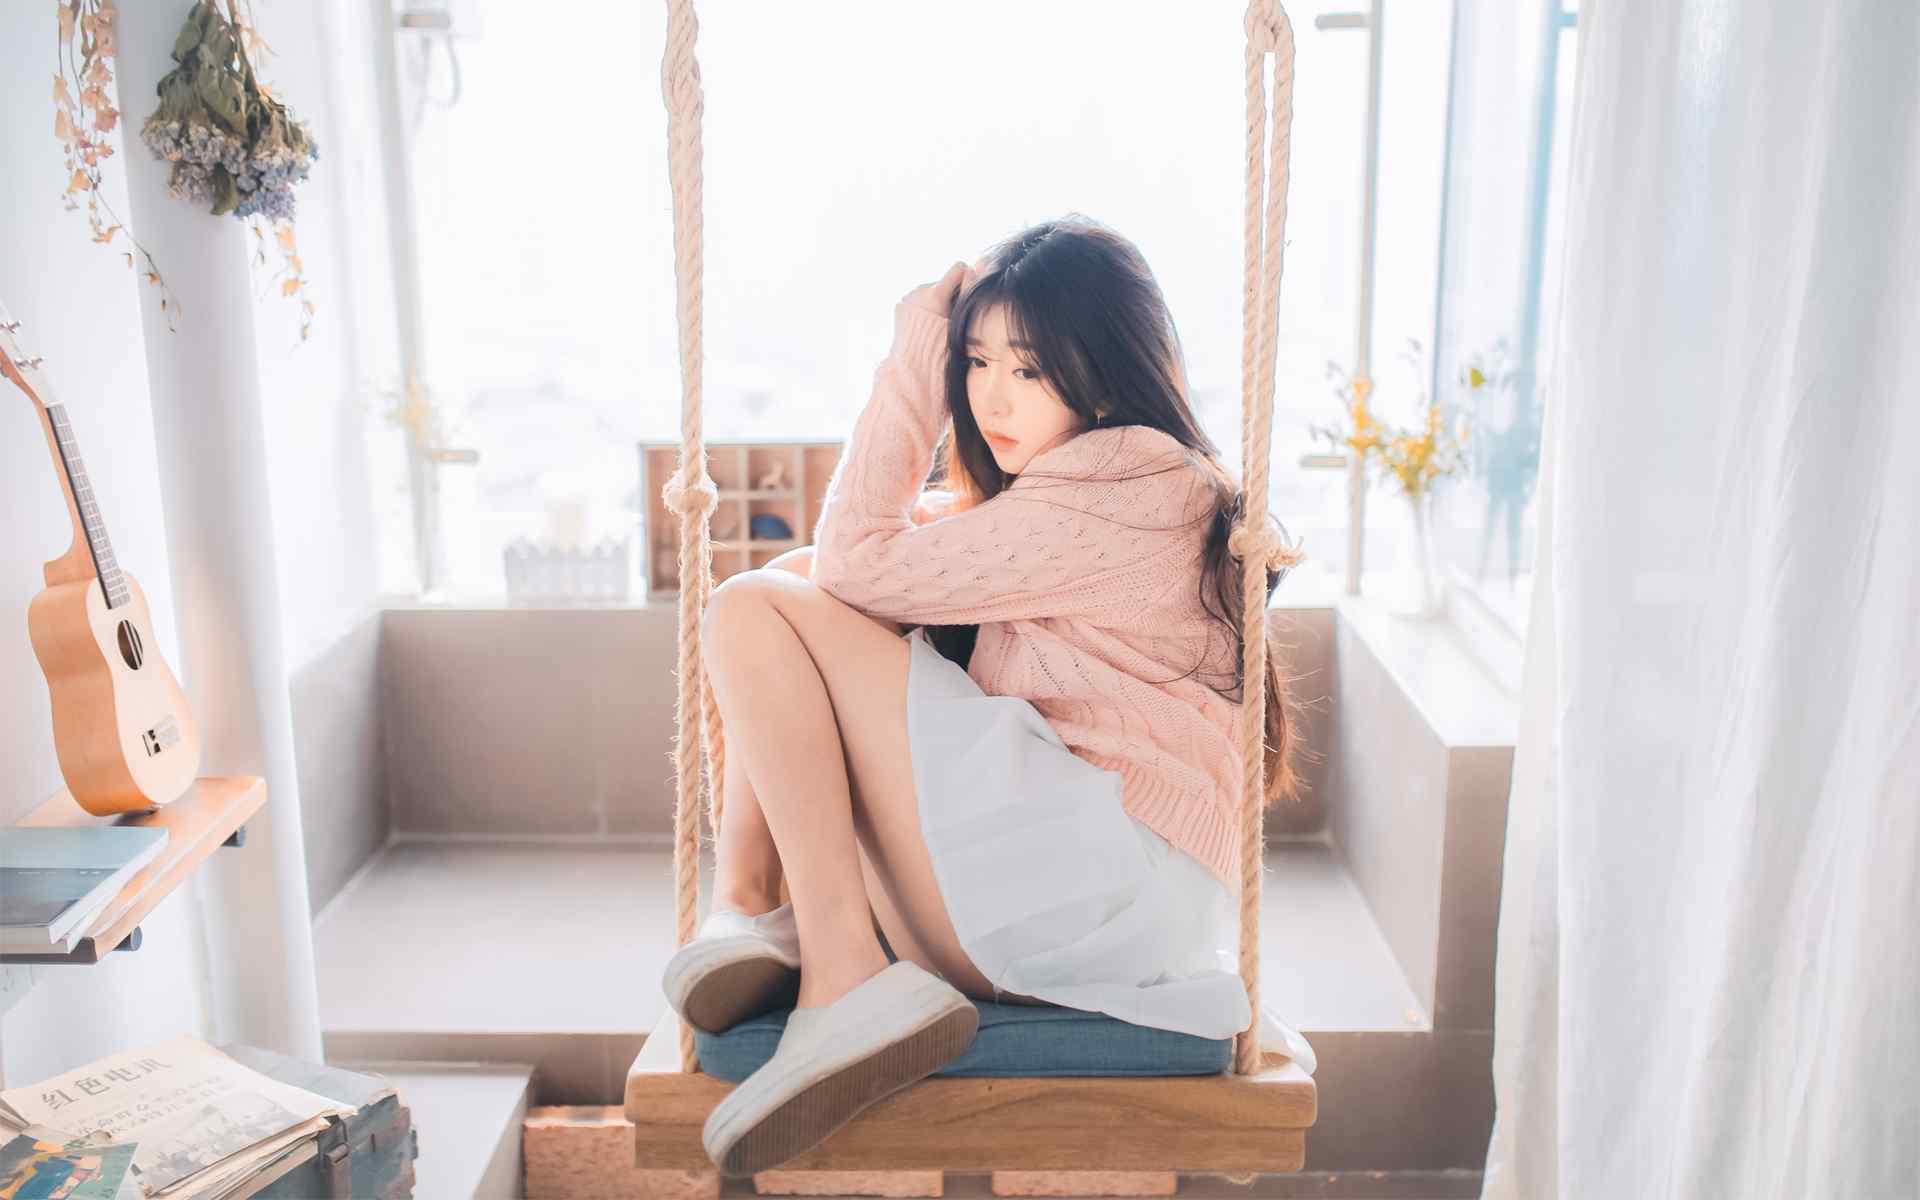 清纯美女甜美居家写真图片高清桌面壁纸